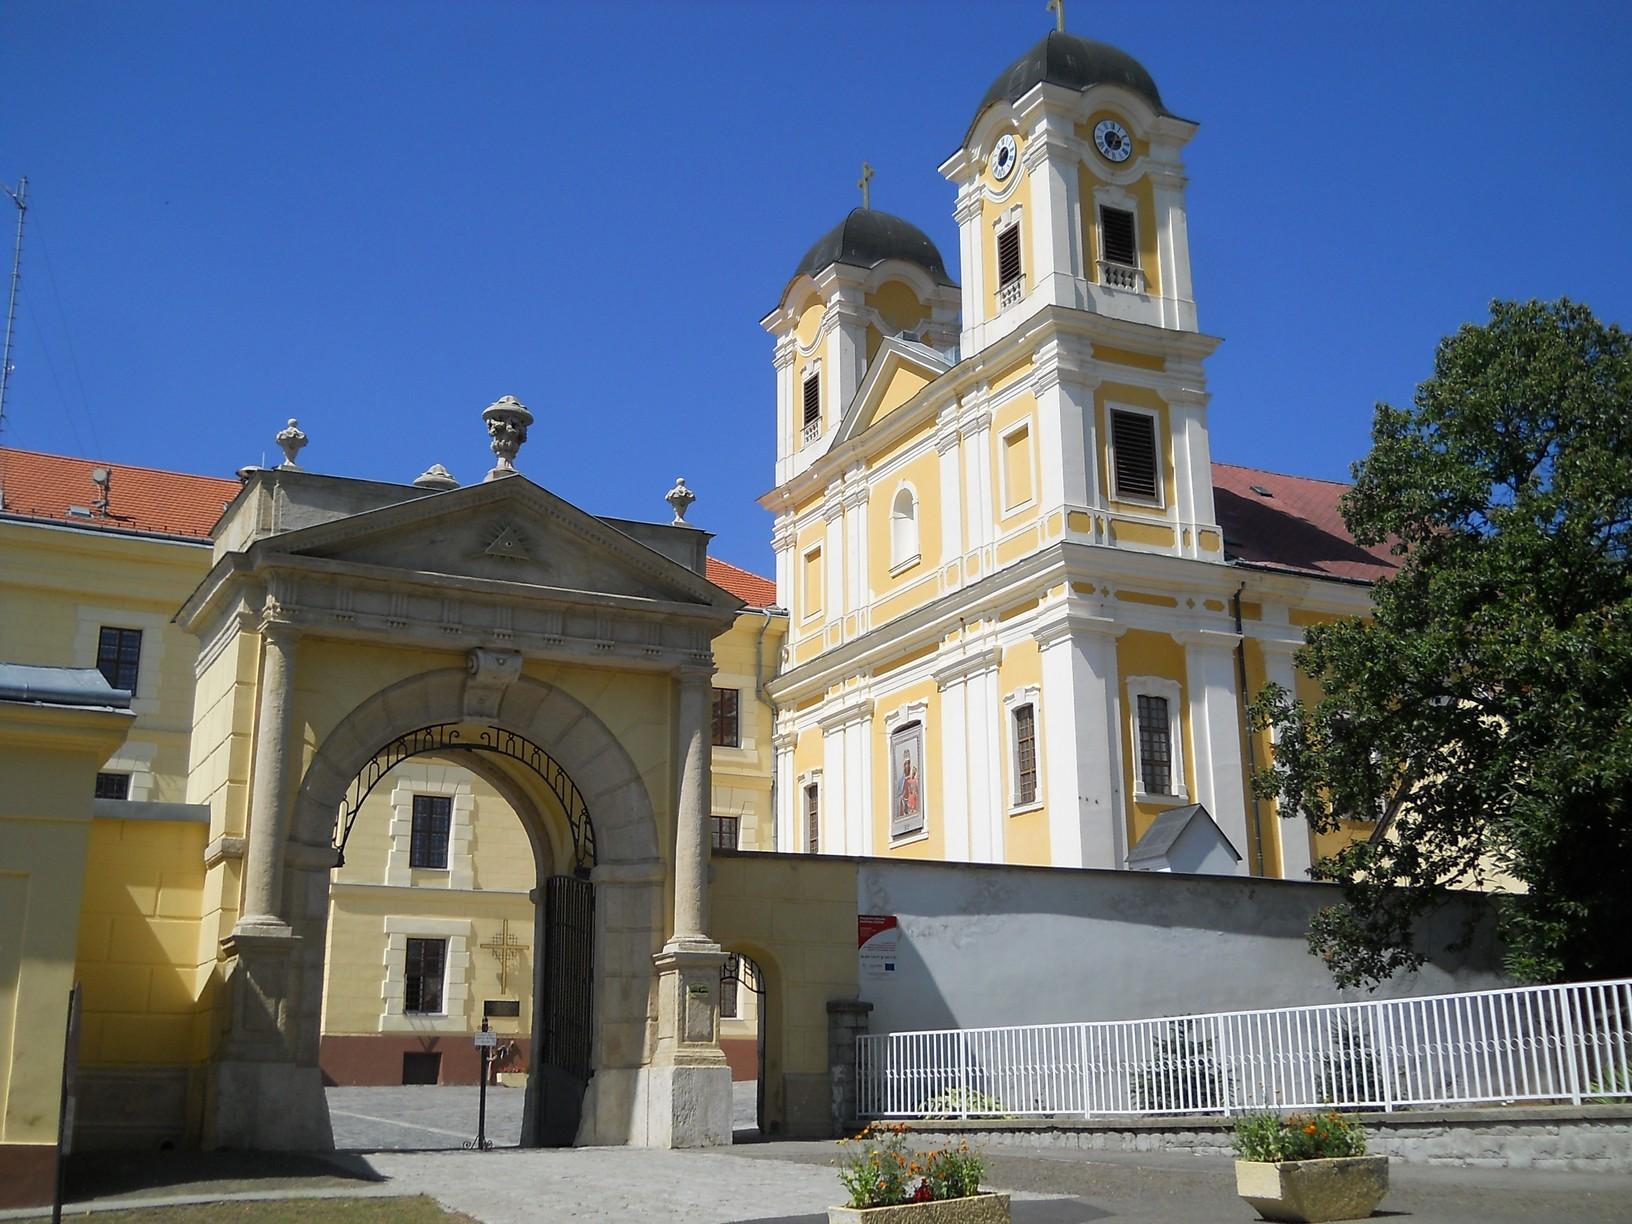 A pálosok Magyarok Nagyasszonya kegytemploma Márianosztrán. Az épület homlokzatán olvasható emléktábla szerint 1352-ben Nagy Lajos magyar király építtette a kolostorral együtt. 1526, Mohács után csak 1729-ben készült el a jelenlegi hajórész és a teljes berendezés. II. József feloszlató rendelete, 1786 után 1989-ben kezdődhetett újra a pálosok élete a templomban